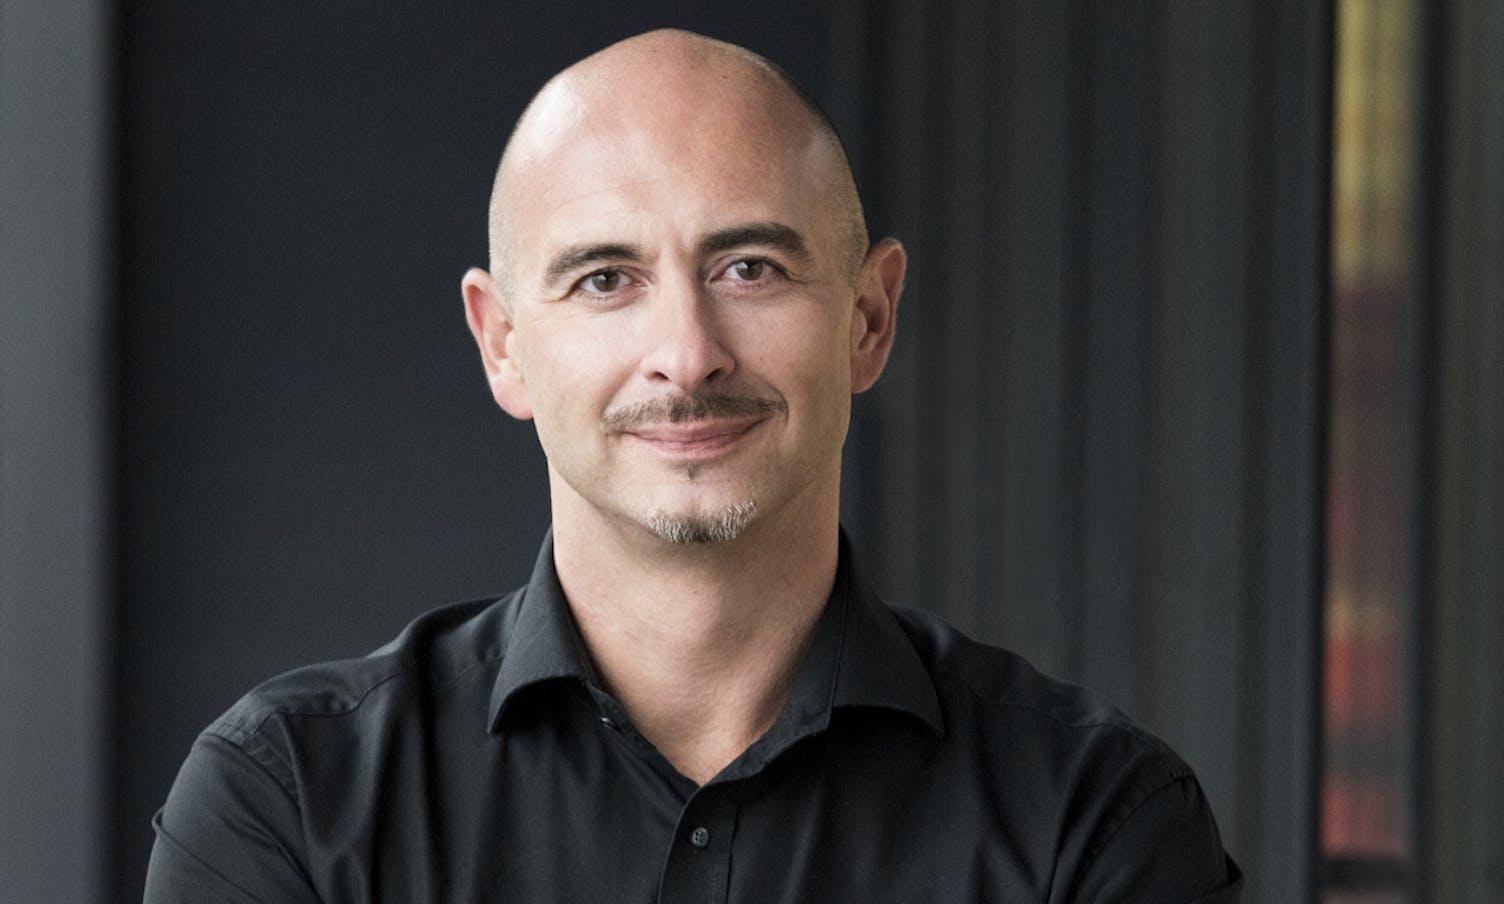 Raffaele Benedetti